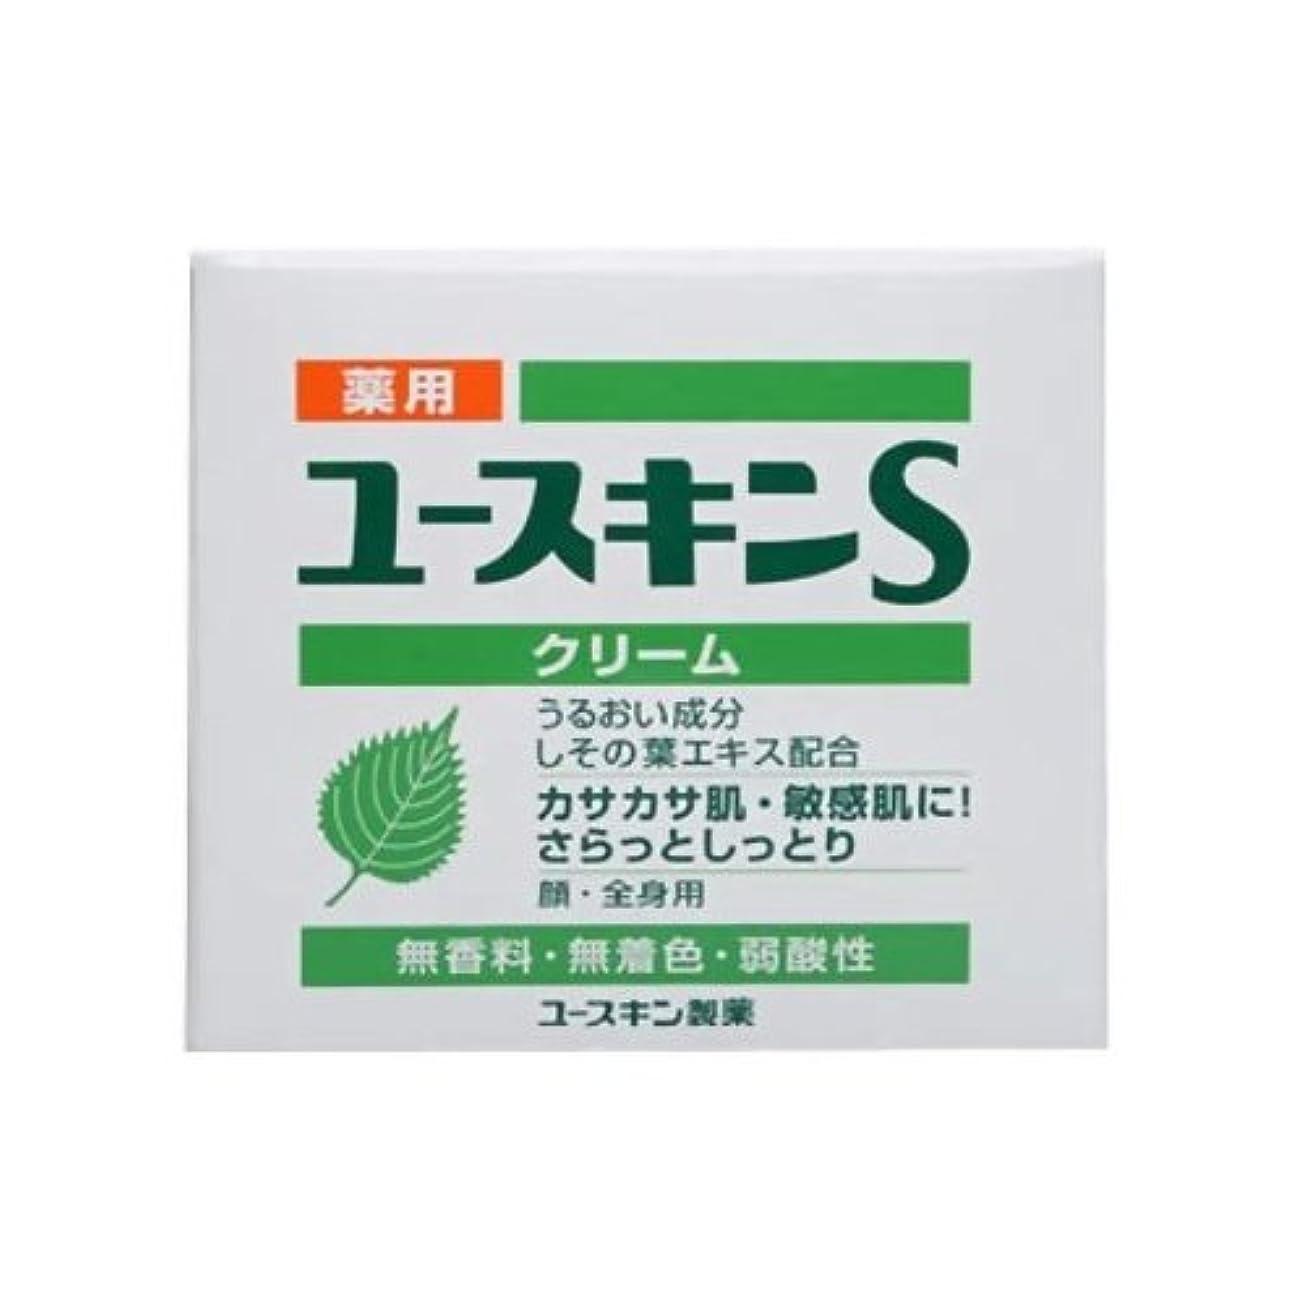 奨励します安全提供する薬用ユースキンS クリーム 70g (敏感肌用 保湿クリーム) 【医薬部外品】